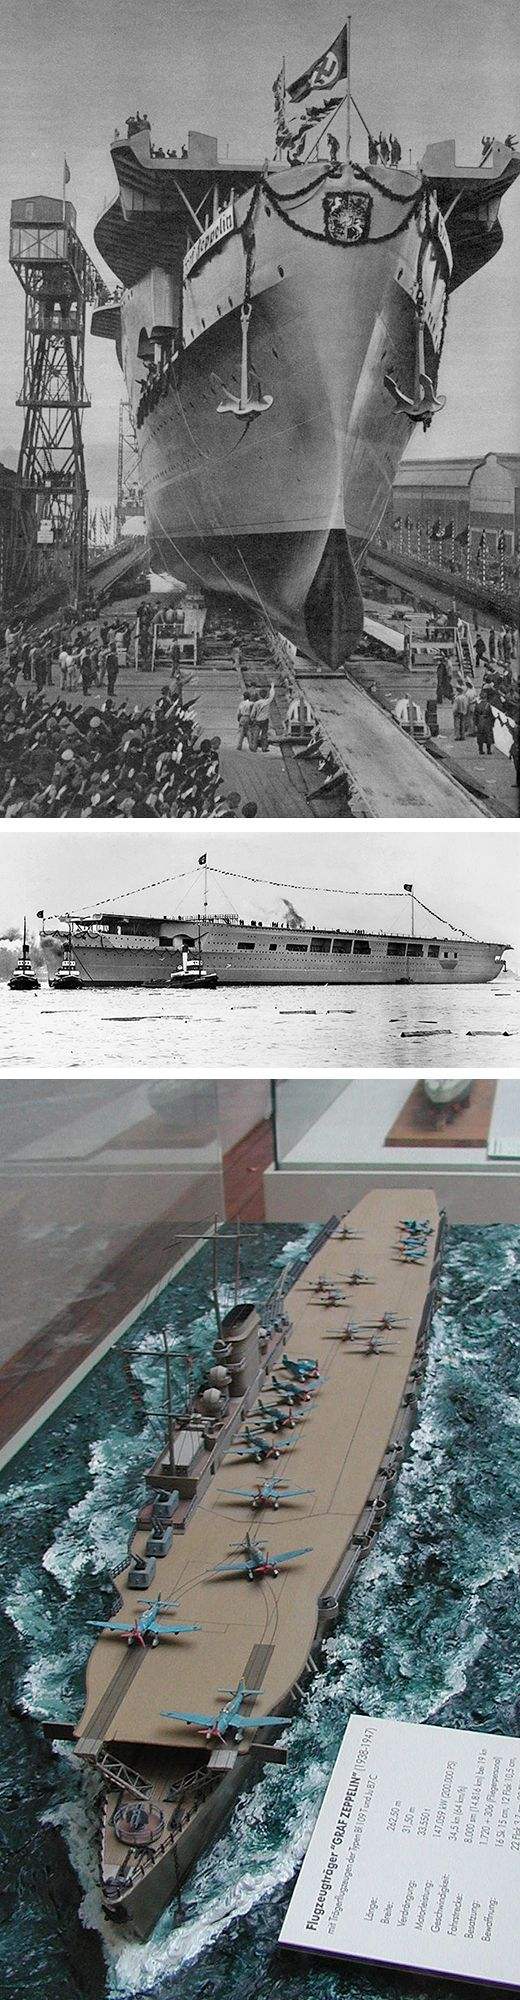 El 08 de diciembre 38: El único portaaviones de Alemania, el ZEPELÍN DE GRAF, es lanzado, aunque lejos de ser completo. Debido al cambio de prioridades de construcción hechas necesario por la guerra que viene, ella nunca será completada, ni hacer operacional, y permanecerá en el Báltico para la duración de la guerra. Más